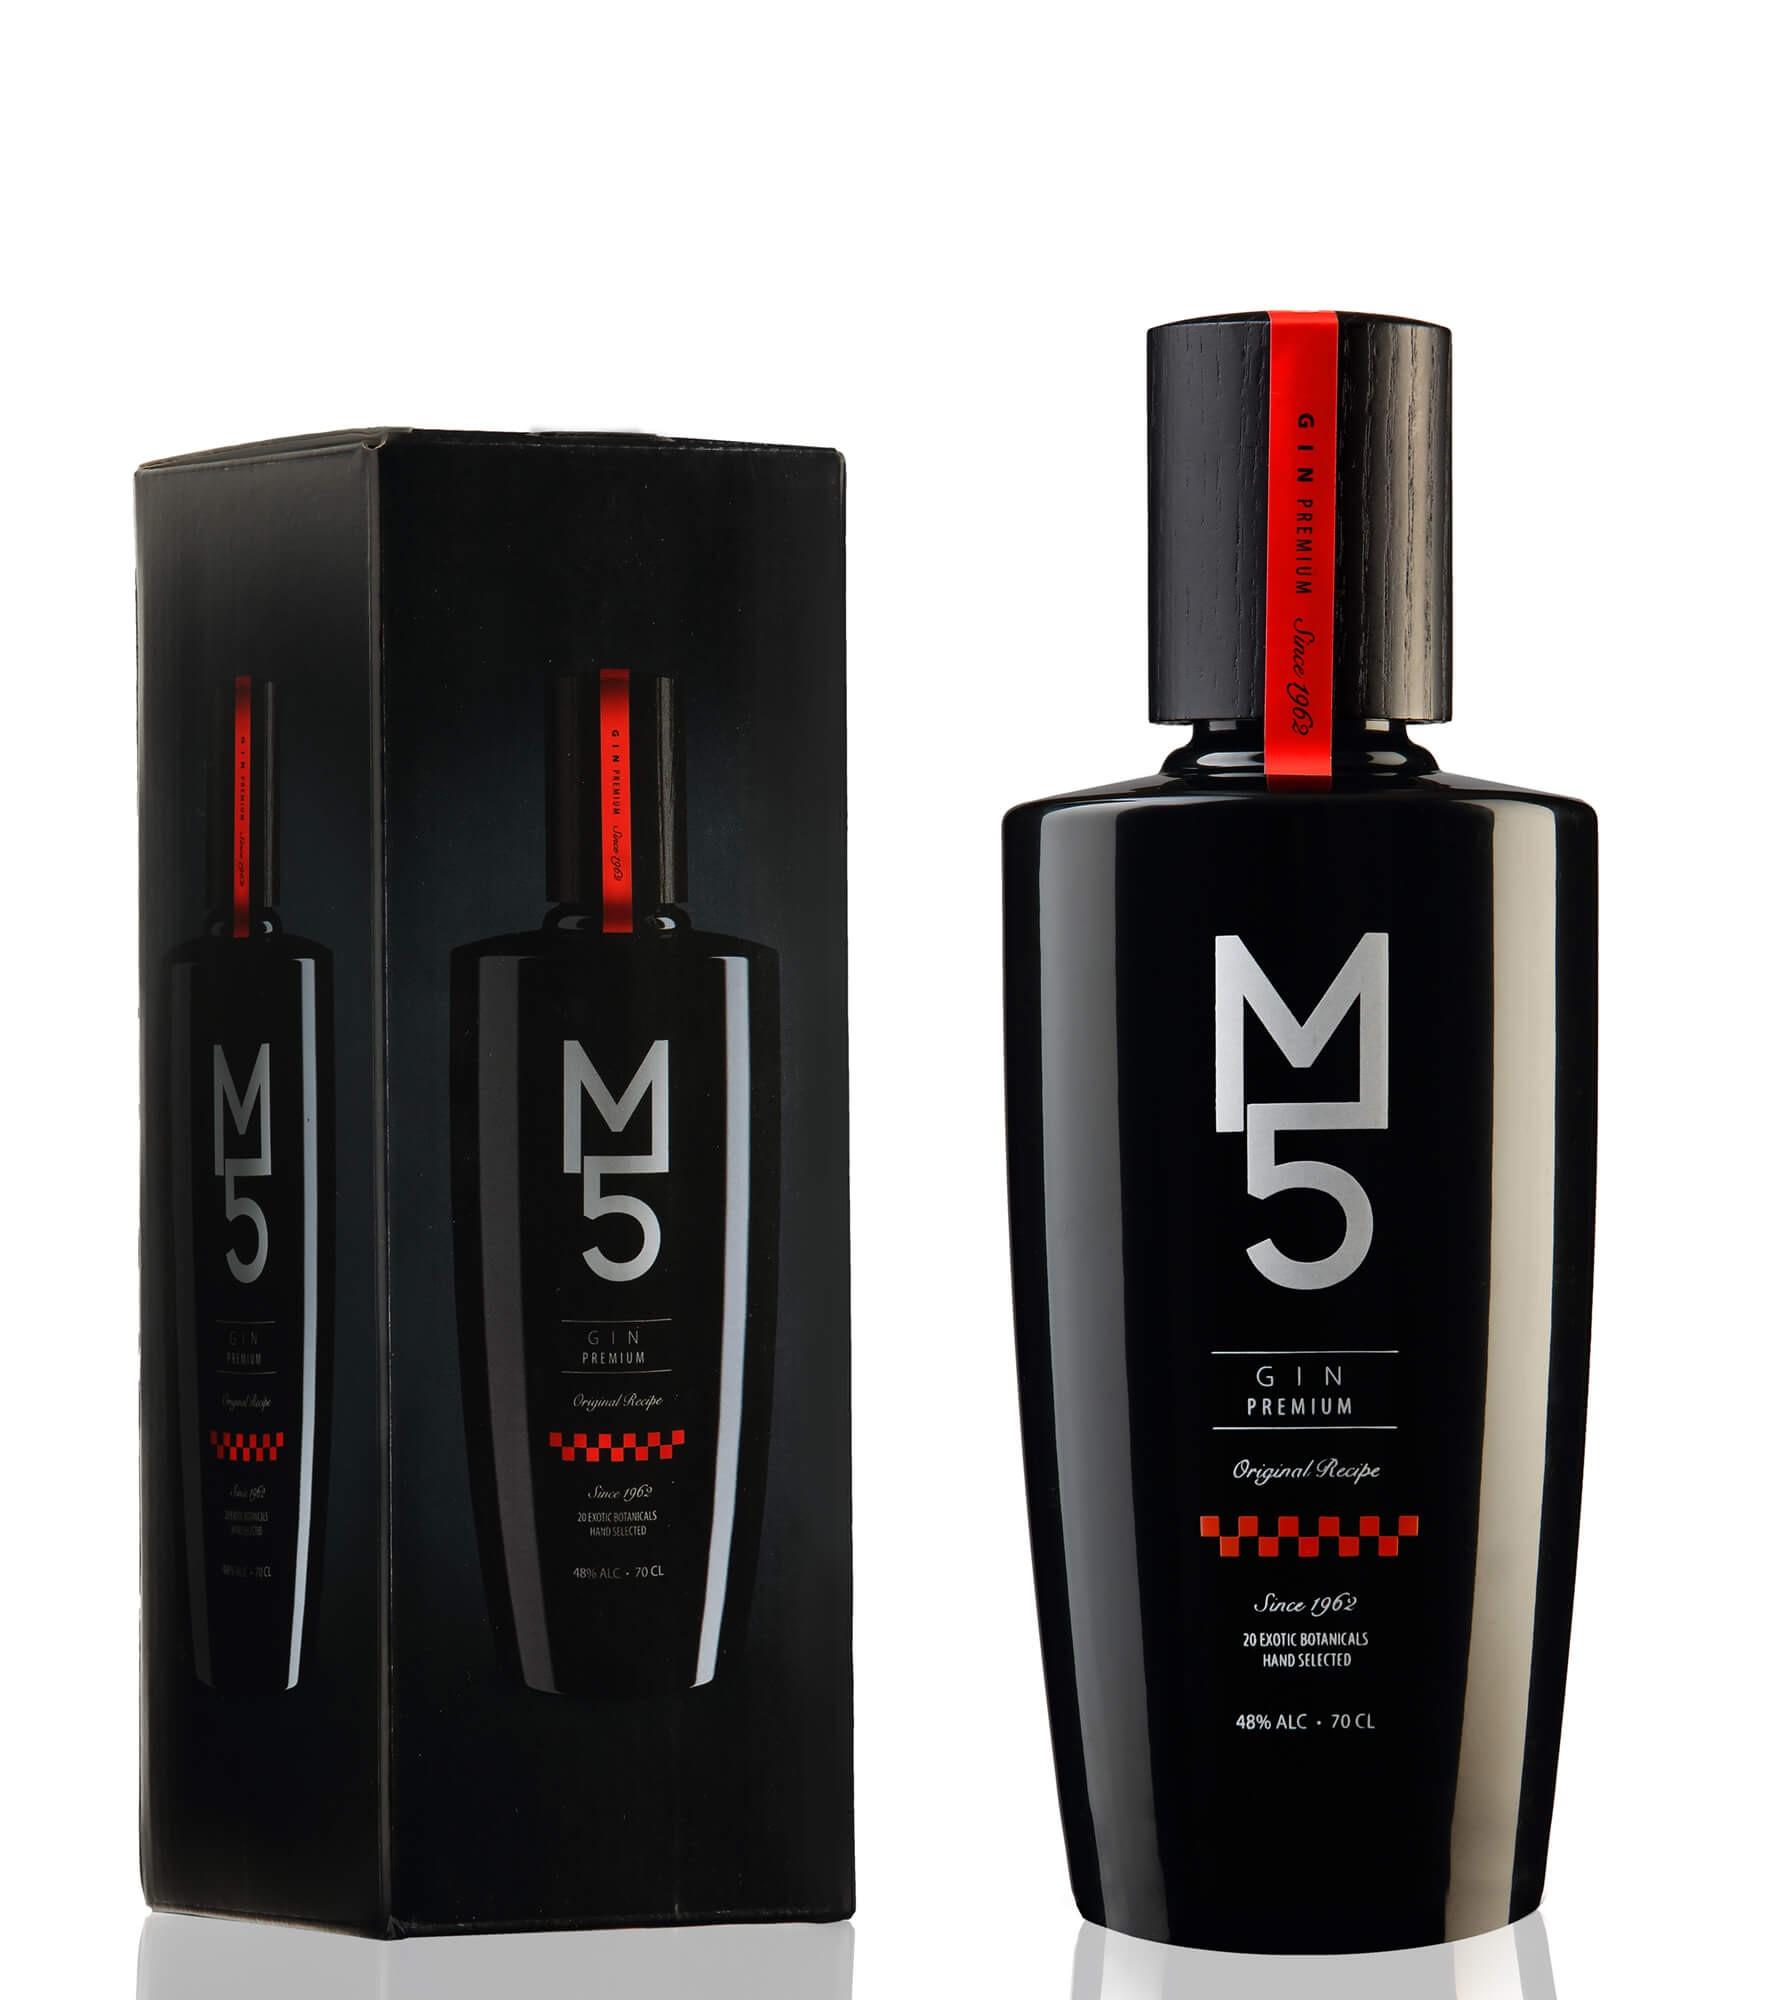 Gin M5 Premium